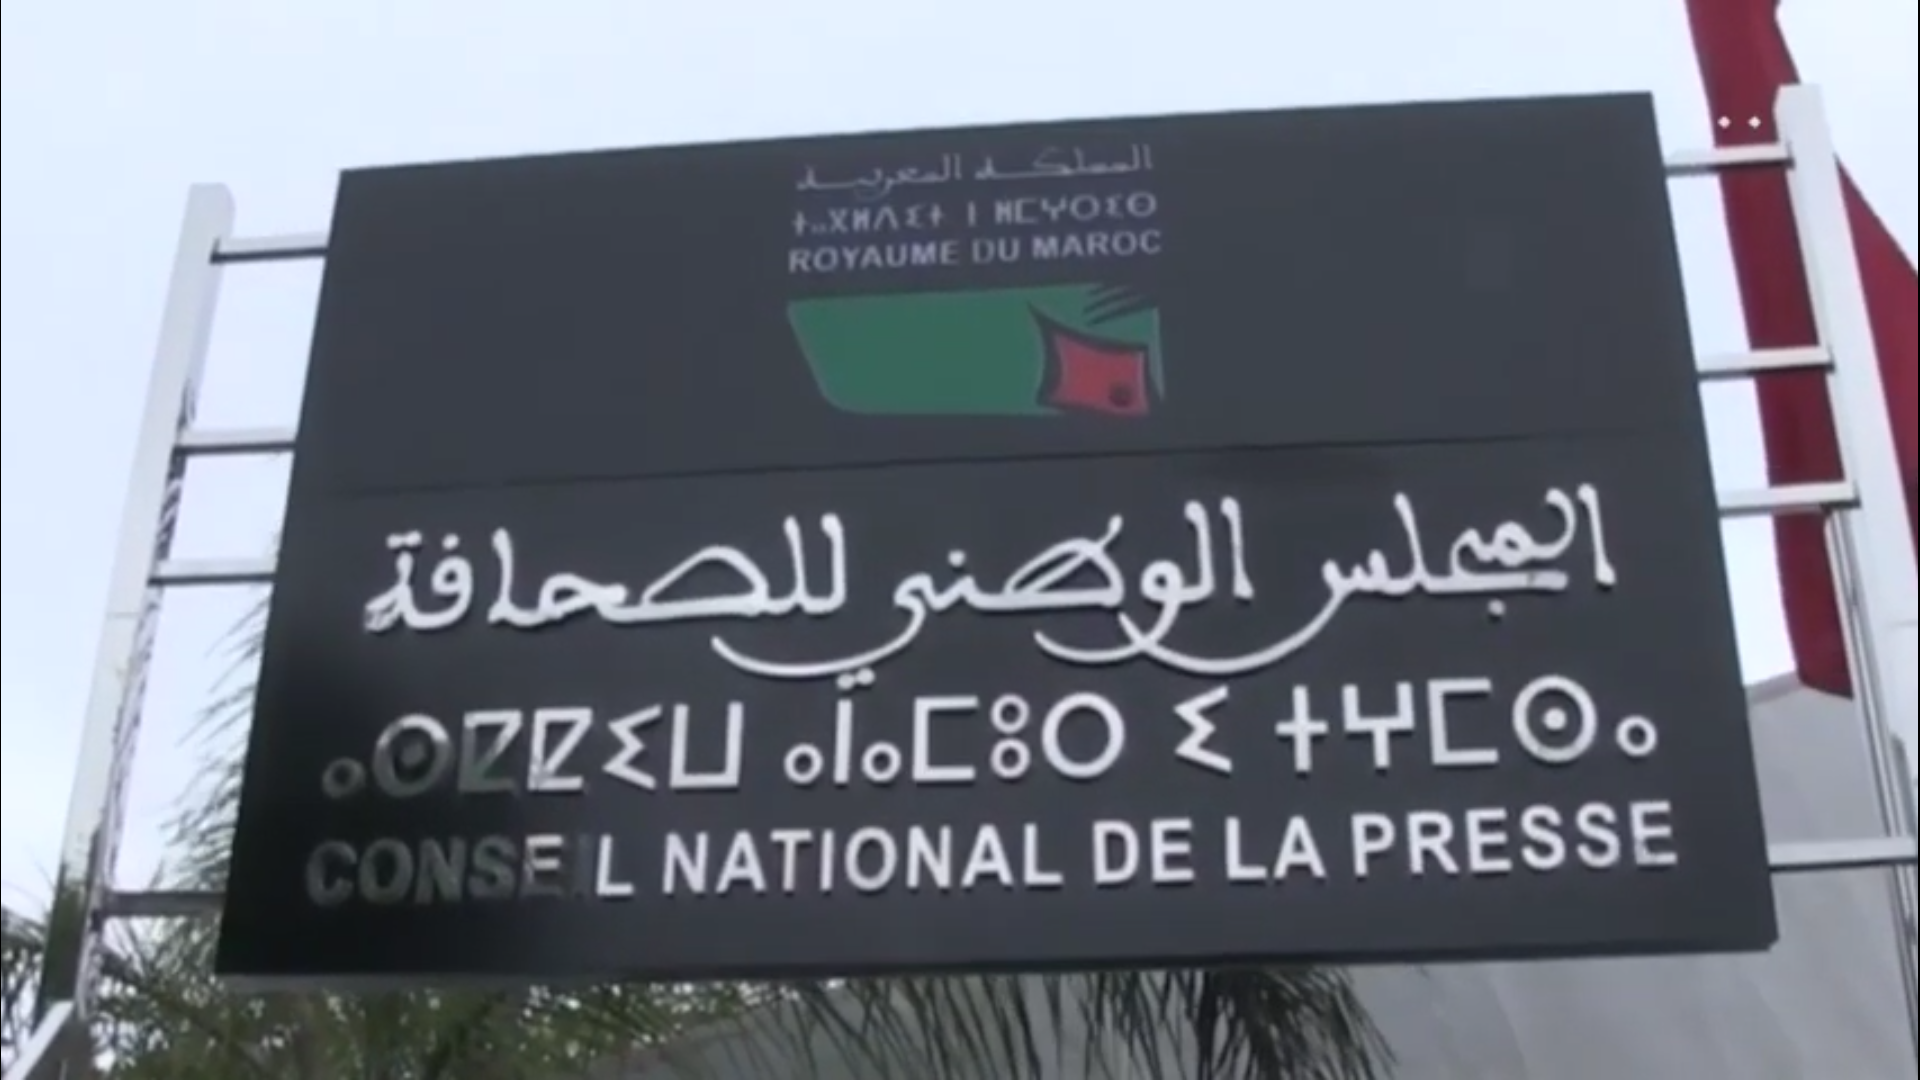 المجلس الوطني للصحافة… بالفيديو… العثماني والأعرج وشخصيات وازنة في ضيافة يونس مجاهد